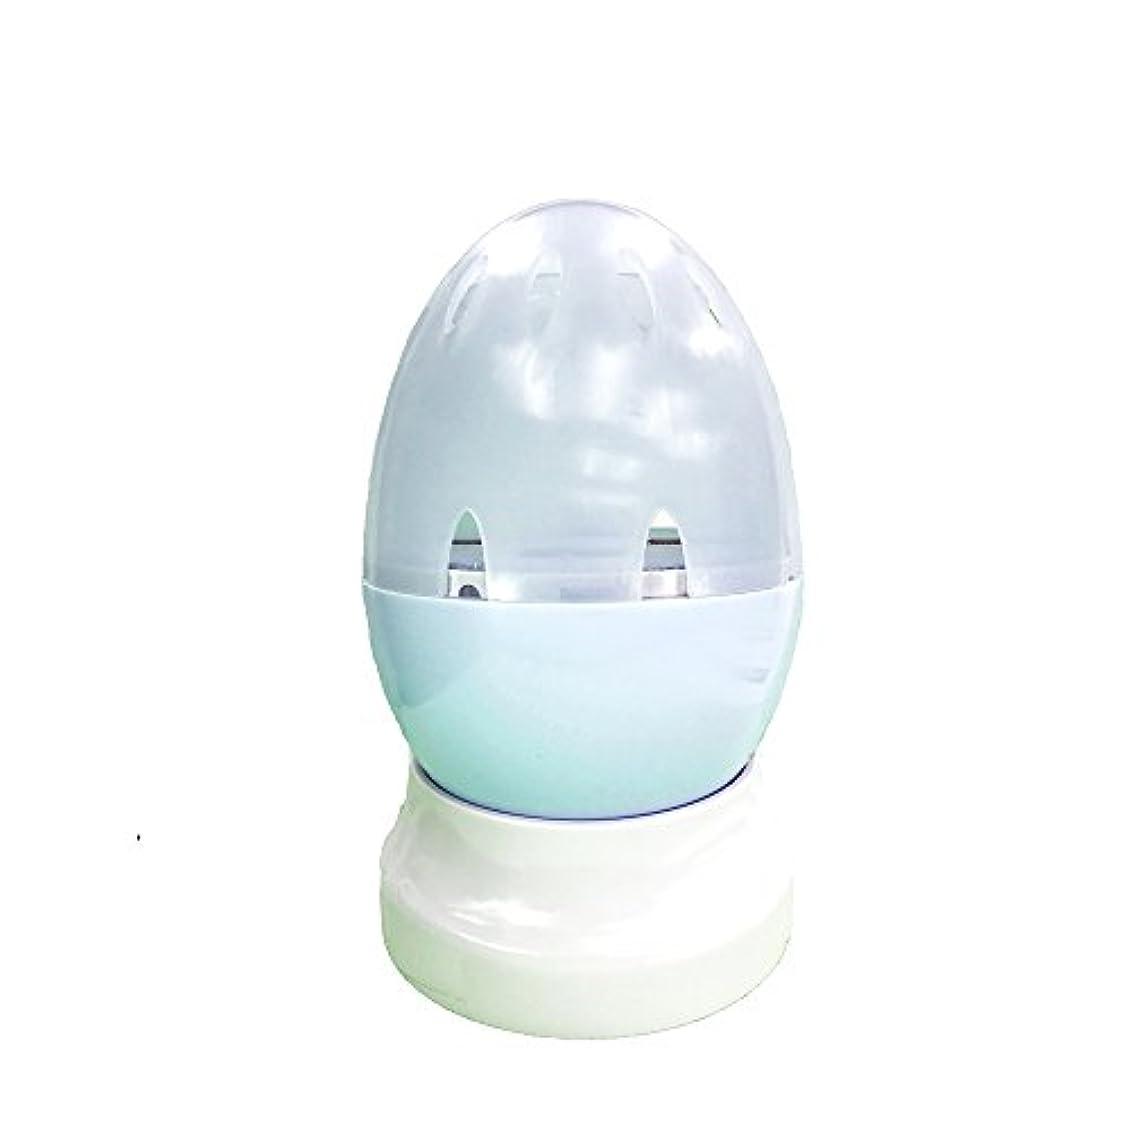 研究うんけがをするお風呂 水素生成器 水素たまご (ブルー)